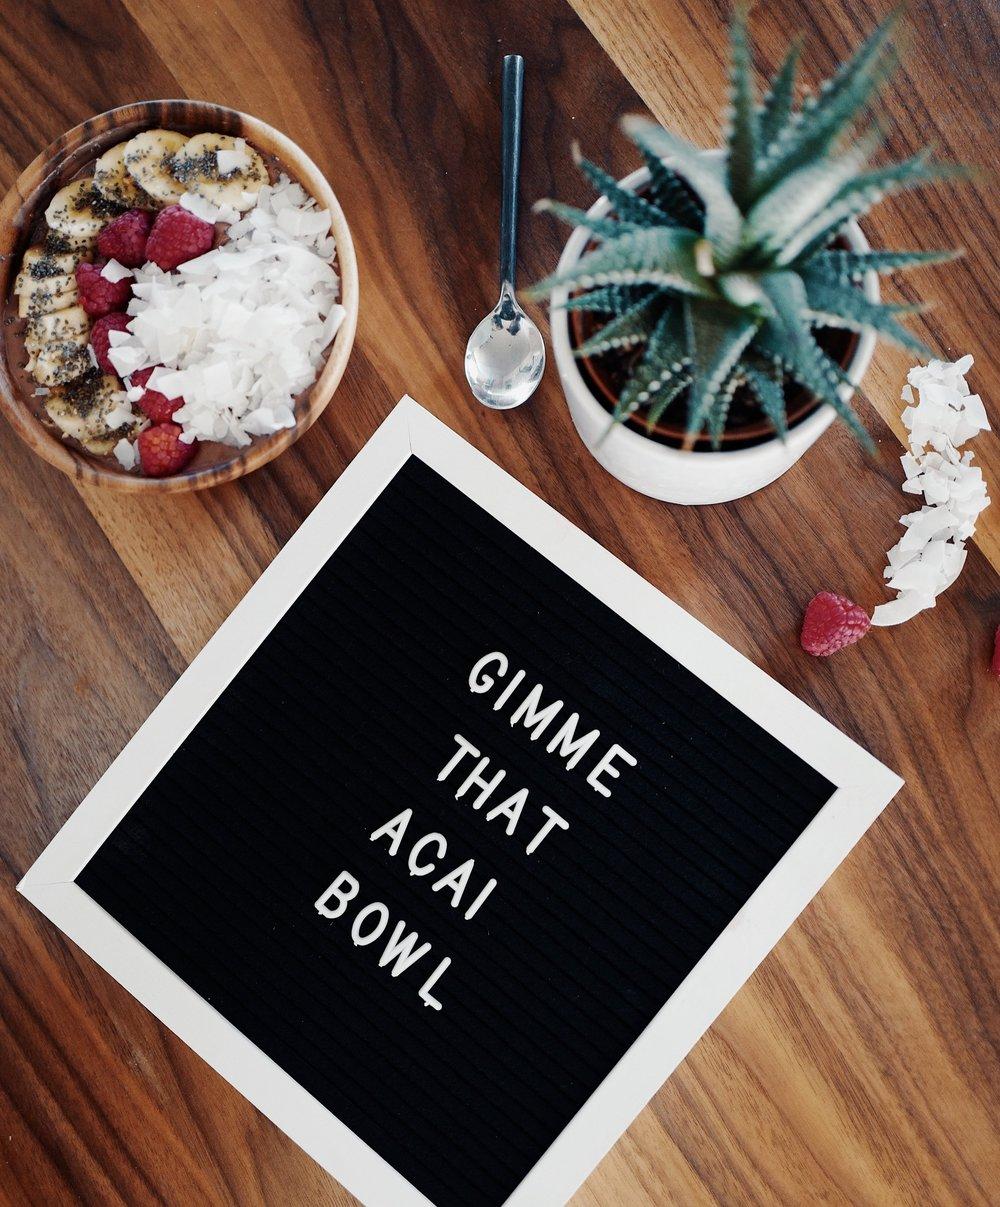 Acai Bowl Recipe, Everything to know about Acai